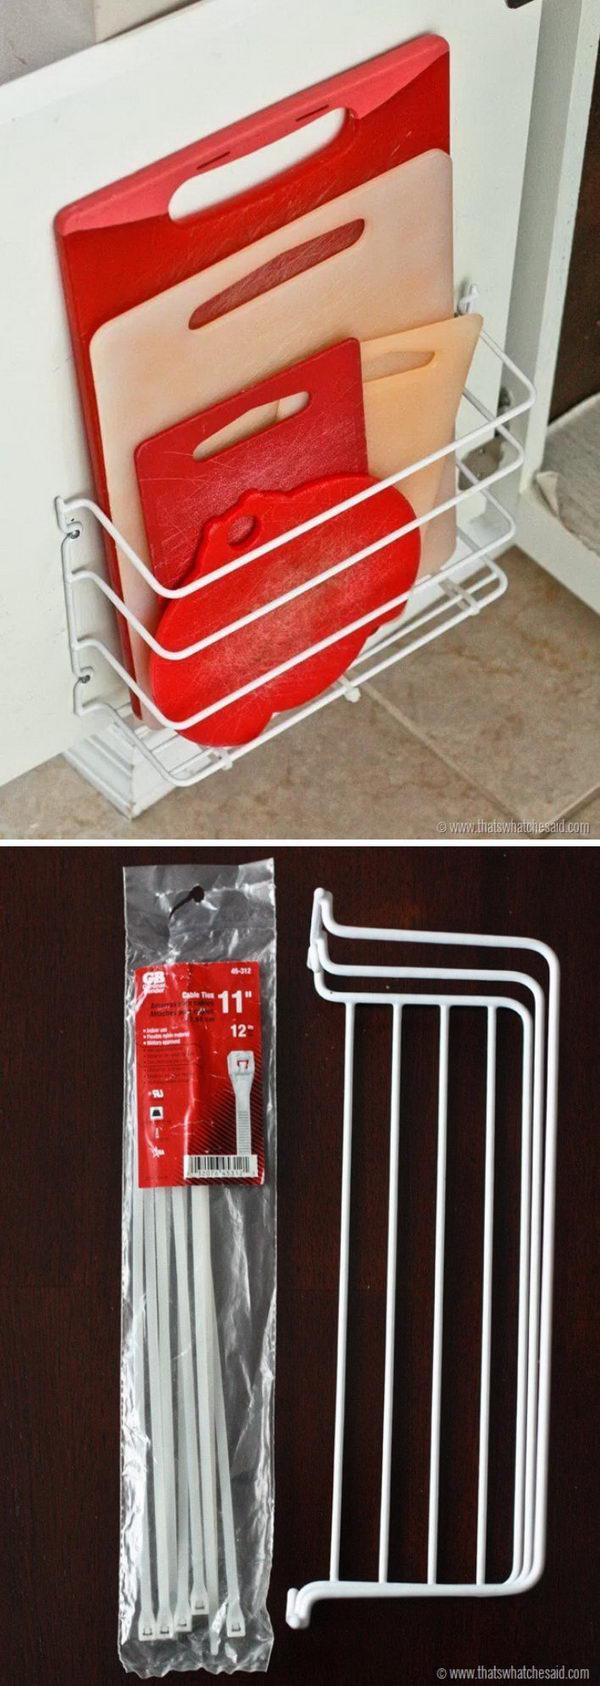 image26-4 | 20 творческих идей организации хранения на кухне